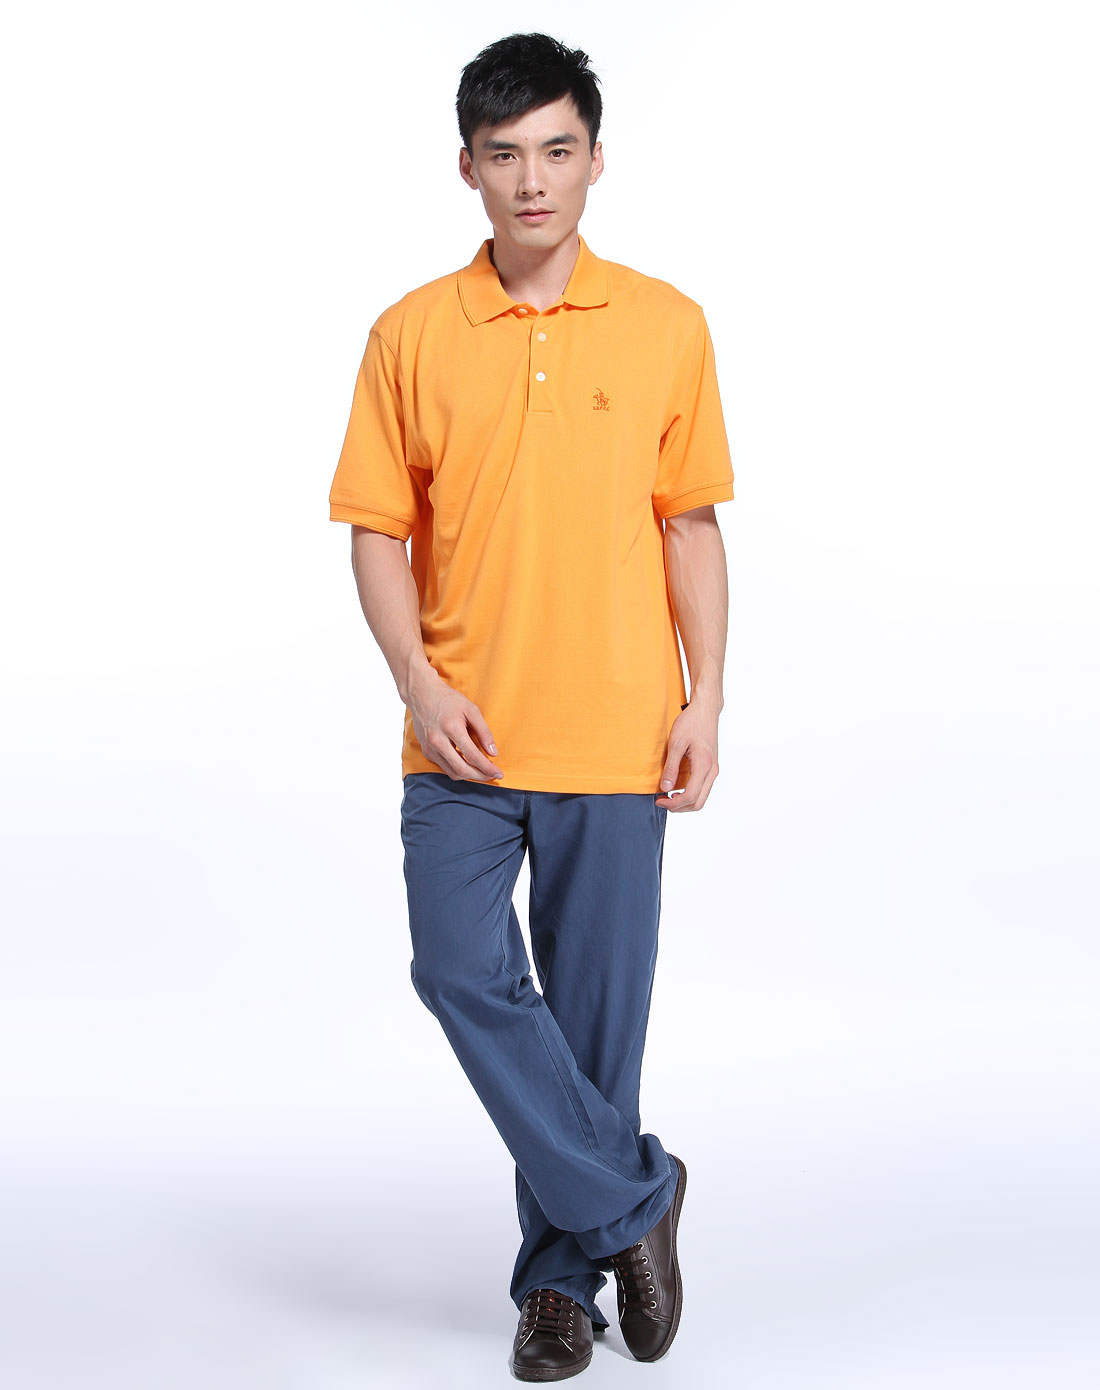 男装模型ps素材